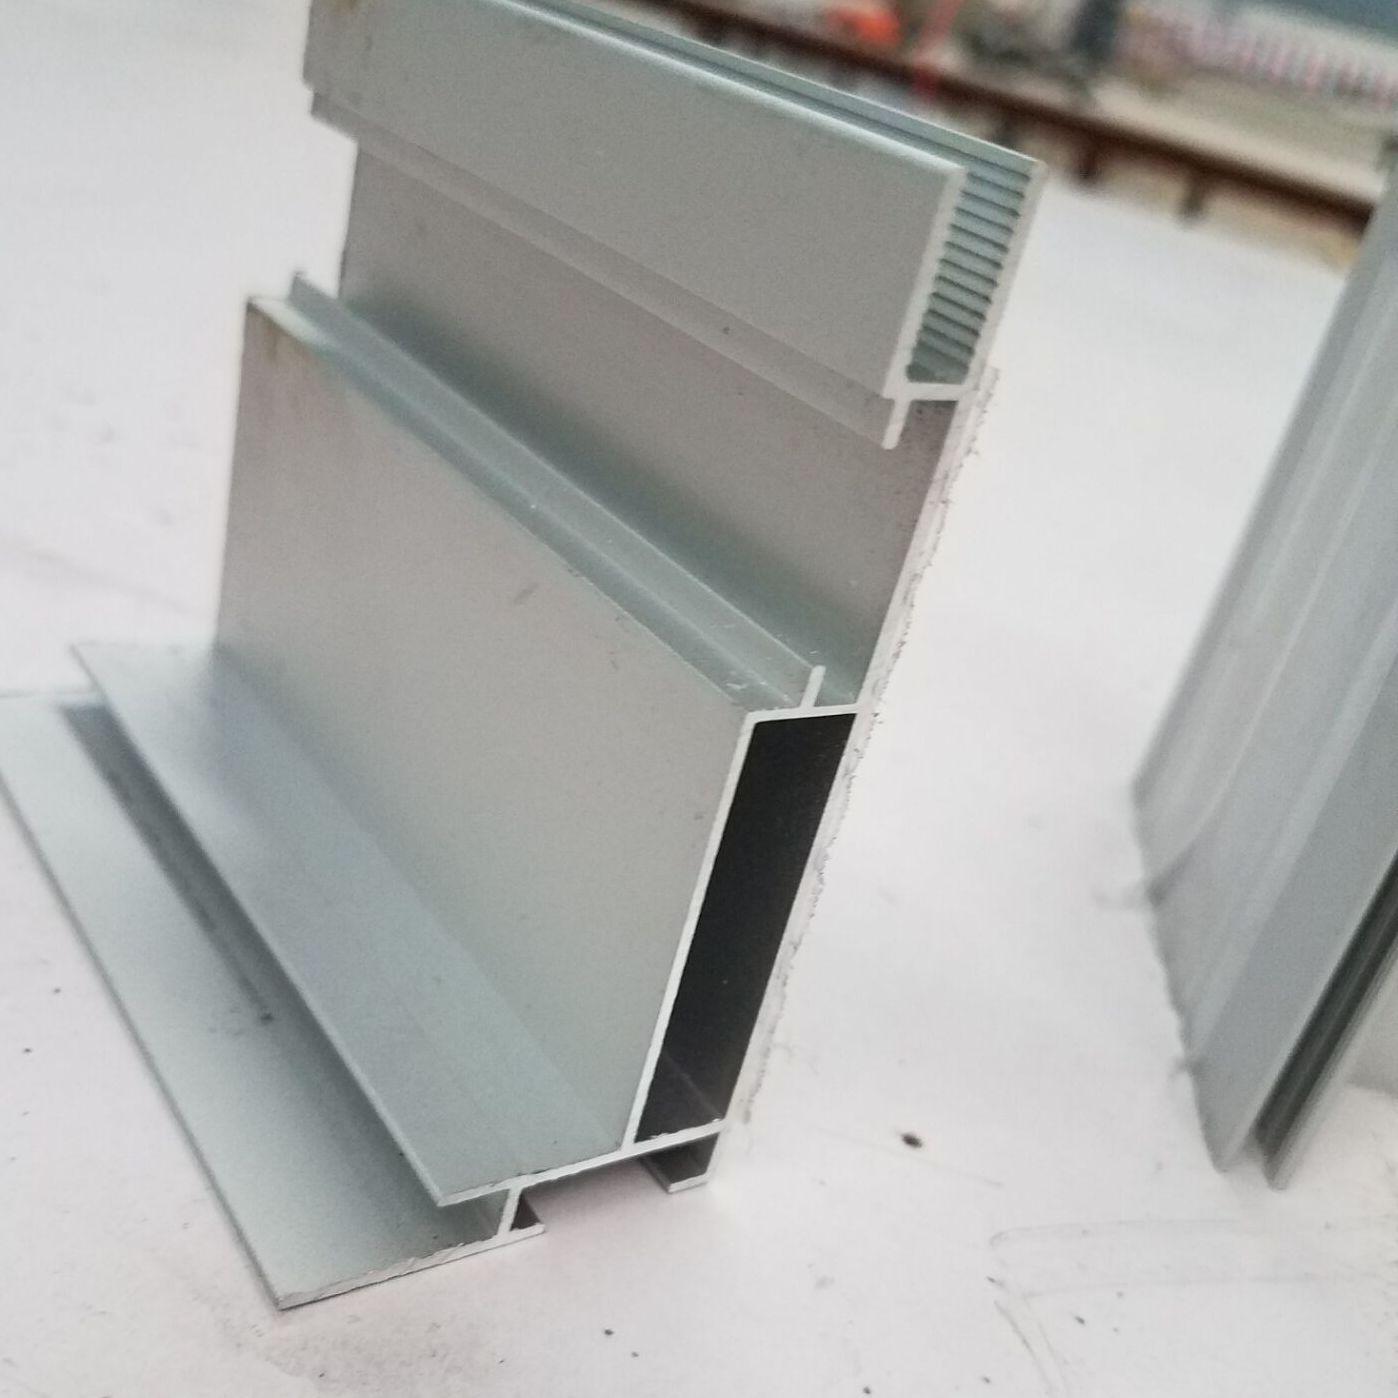 卡布灯箱8公分铝合金边框